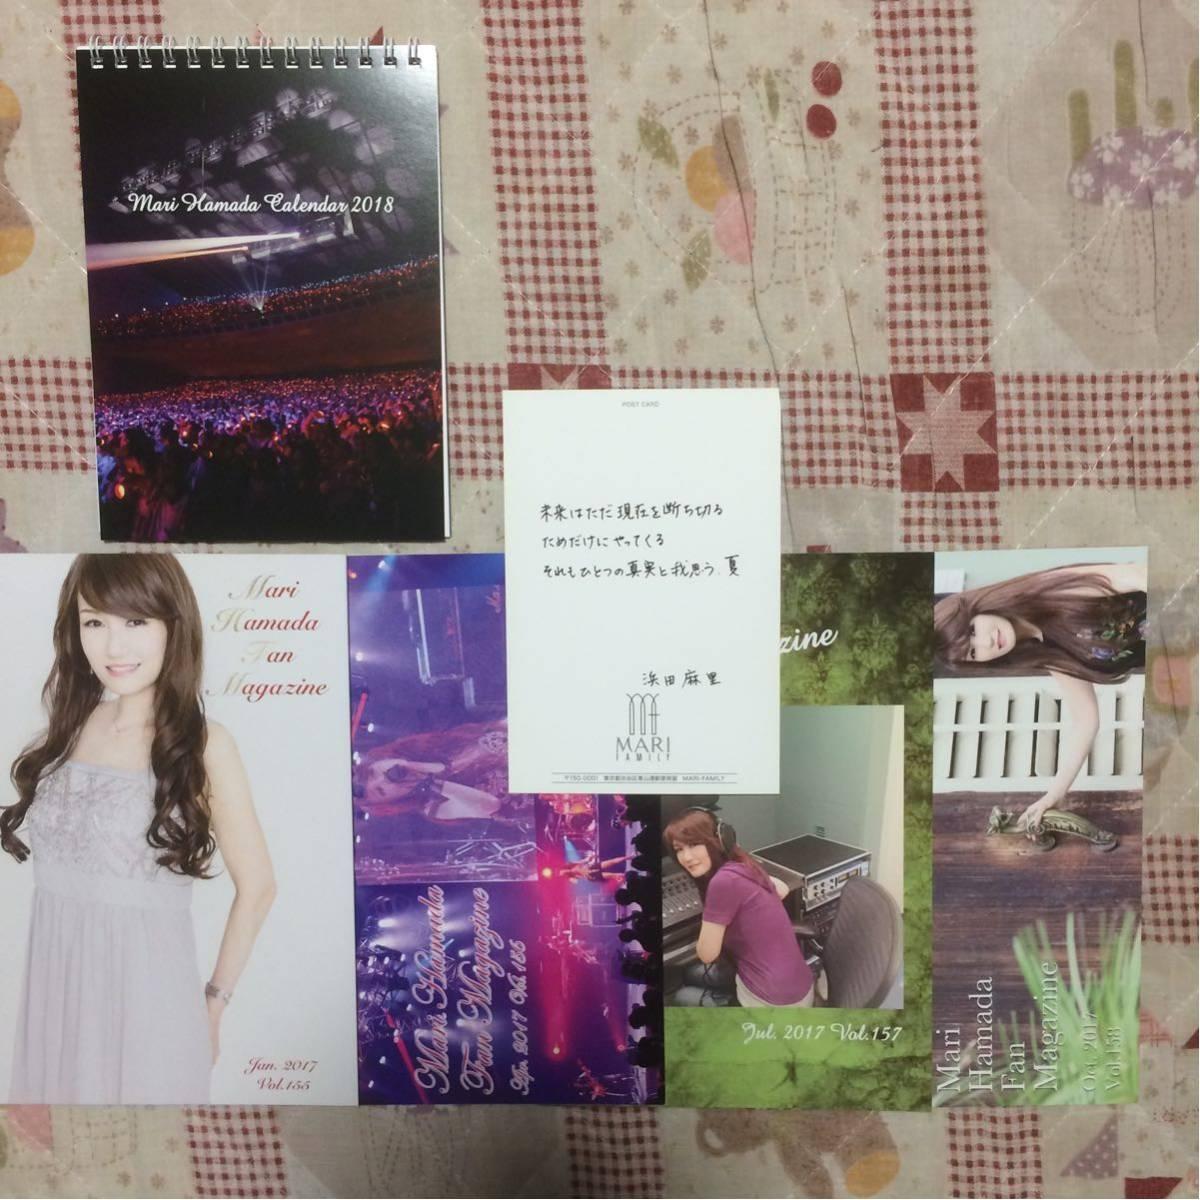 # 浜田麻里さん fan magazine 4冊、2018卓上カレンダー、2017サマーカード、チラシ